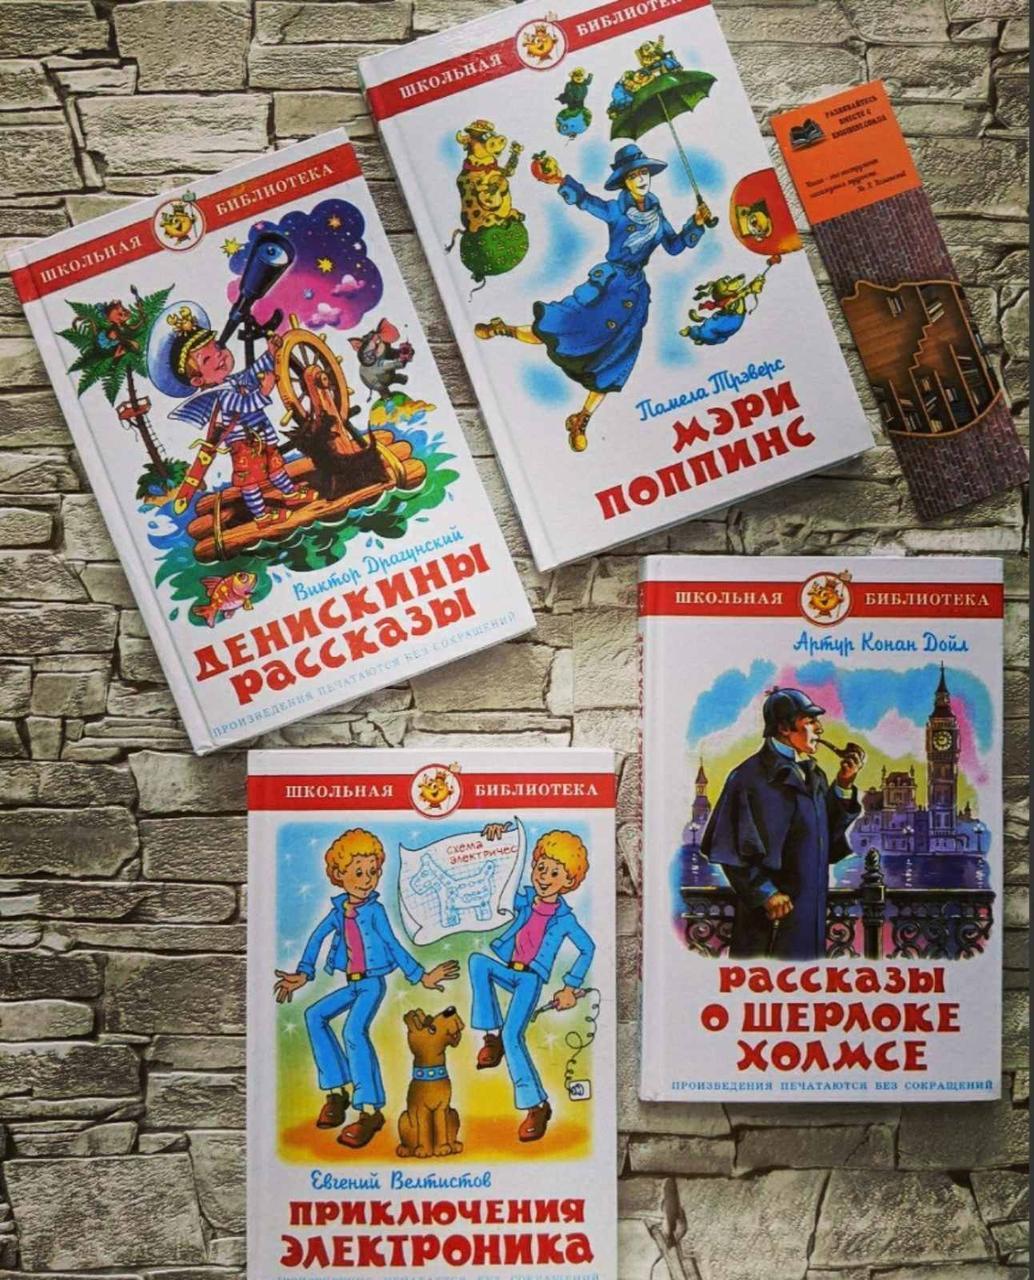 """Набір """"Мері Поппінс"""", """"Денискін оповідання"""", """"Оповідання про Шерлока Холмса"""", """"Пригоди Електроніка"""""""